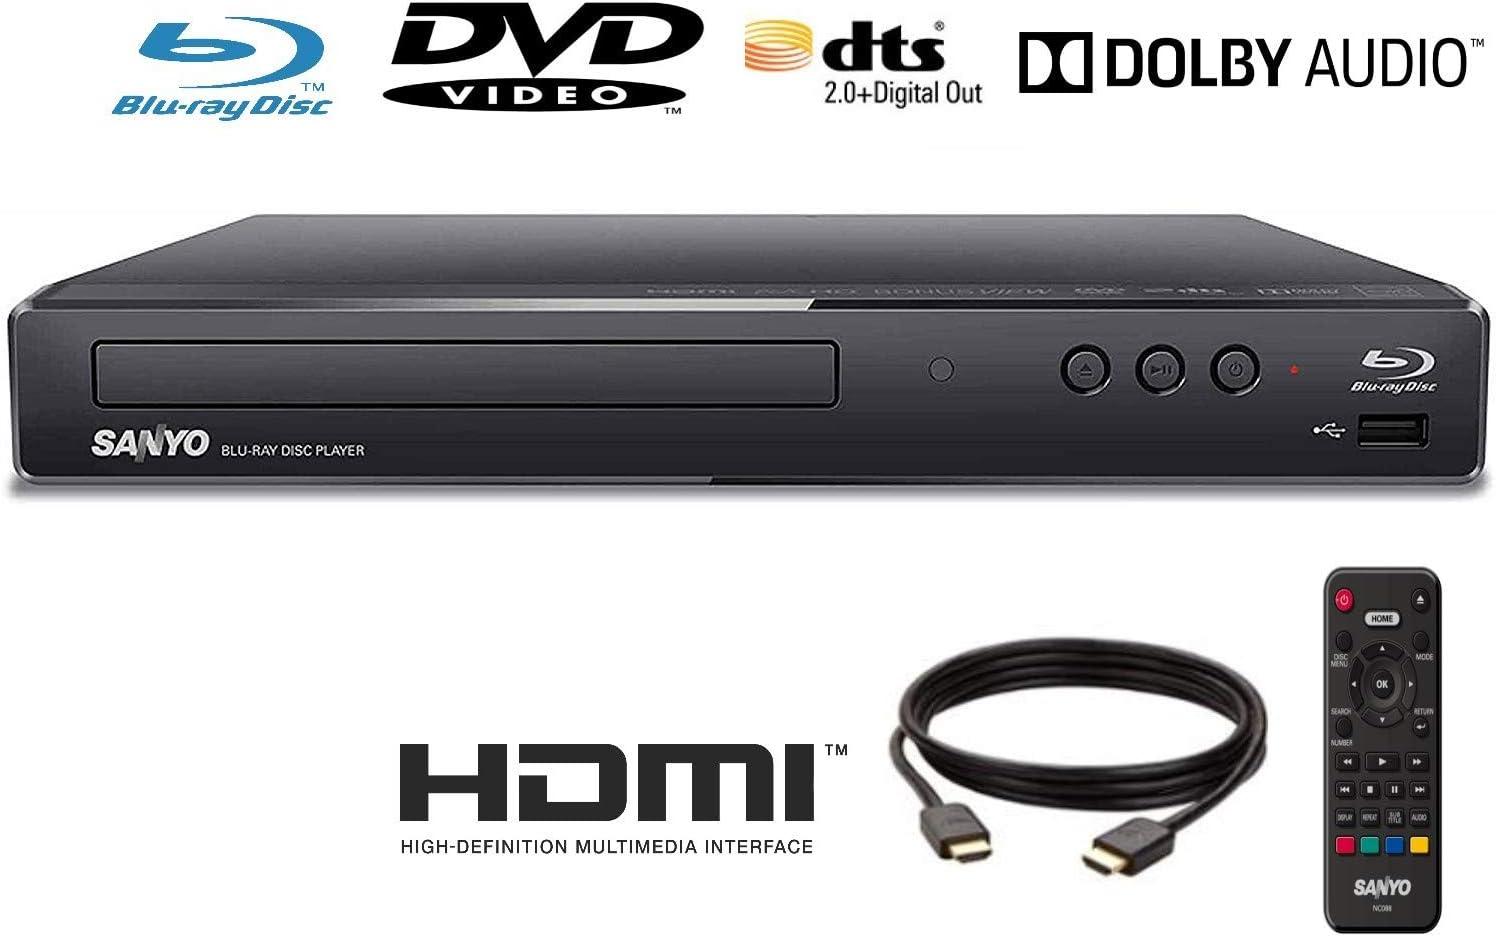 Sanyo FWBP505F - Cable HDMI para reproductor de Blu-ray (1,8 m): Amazon.es: Electrónica